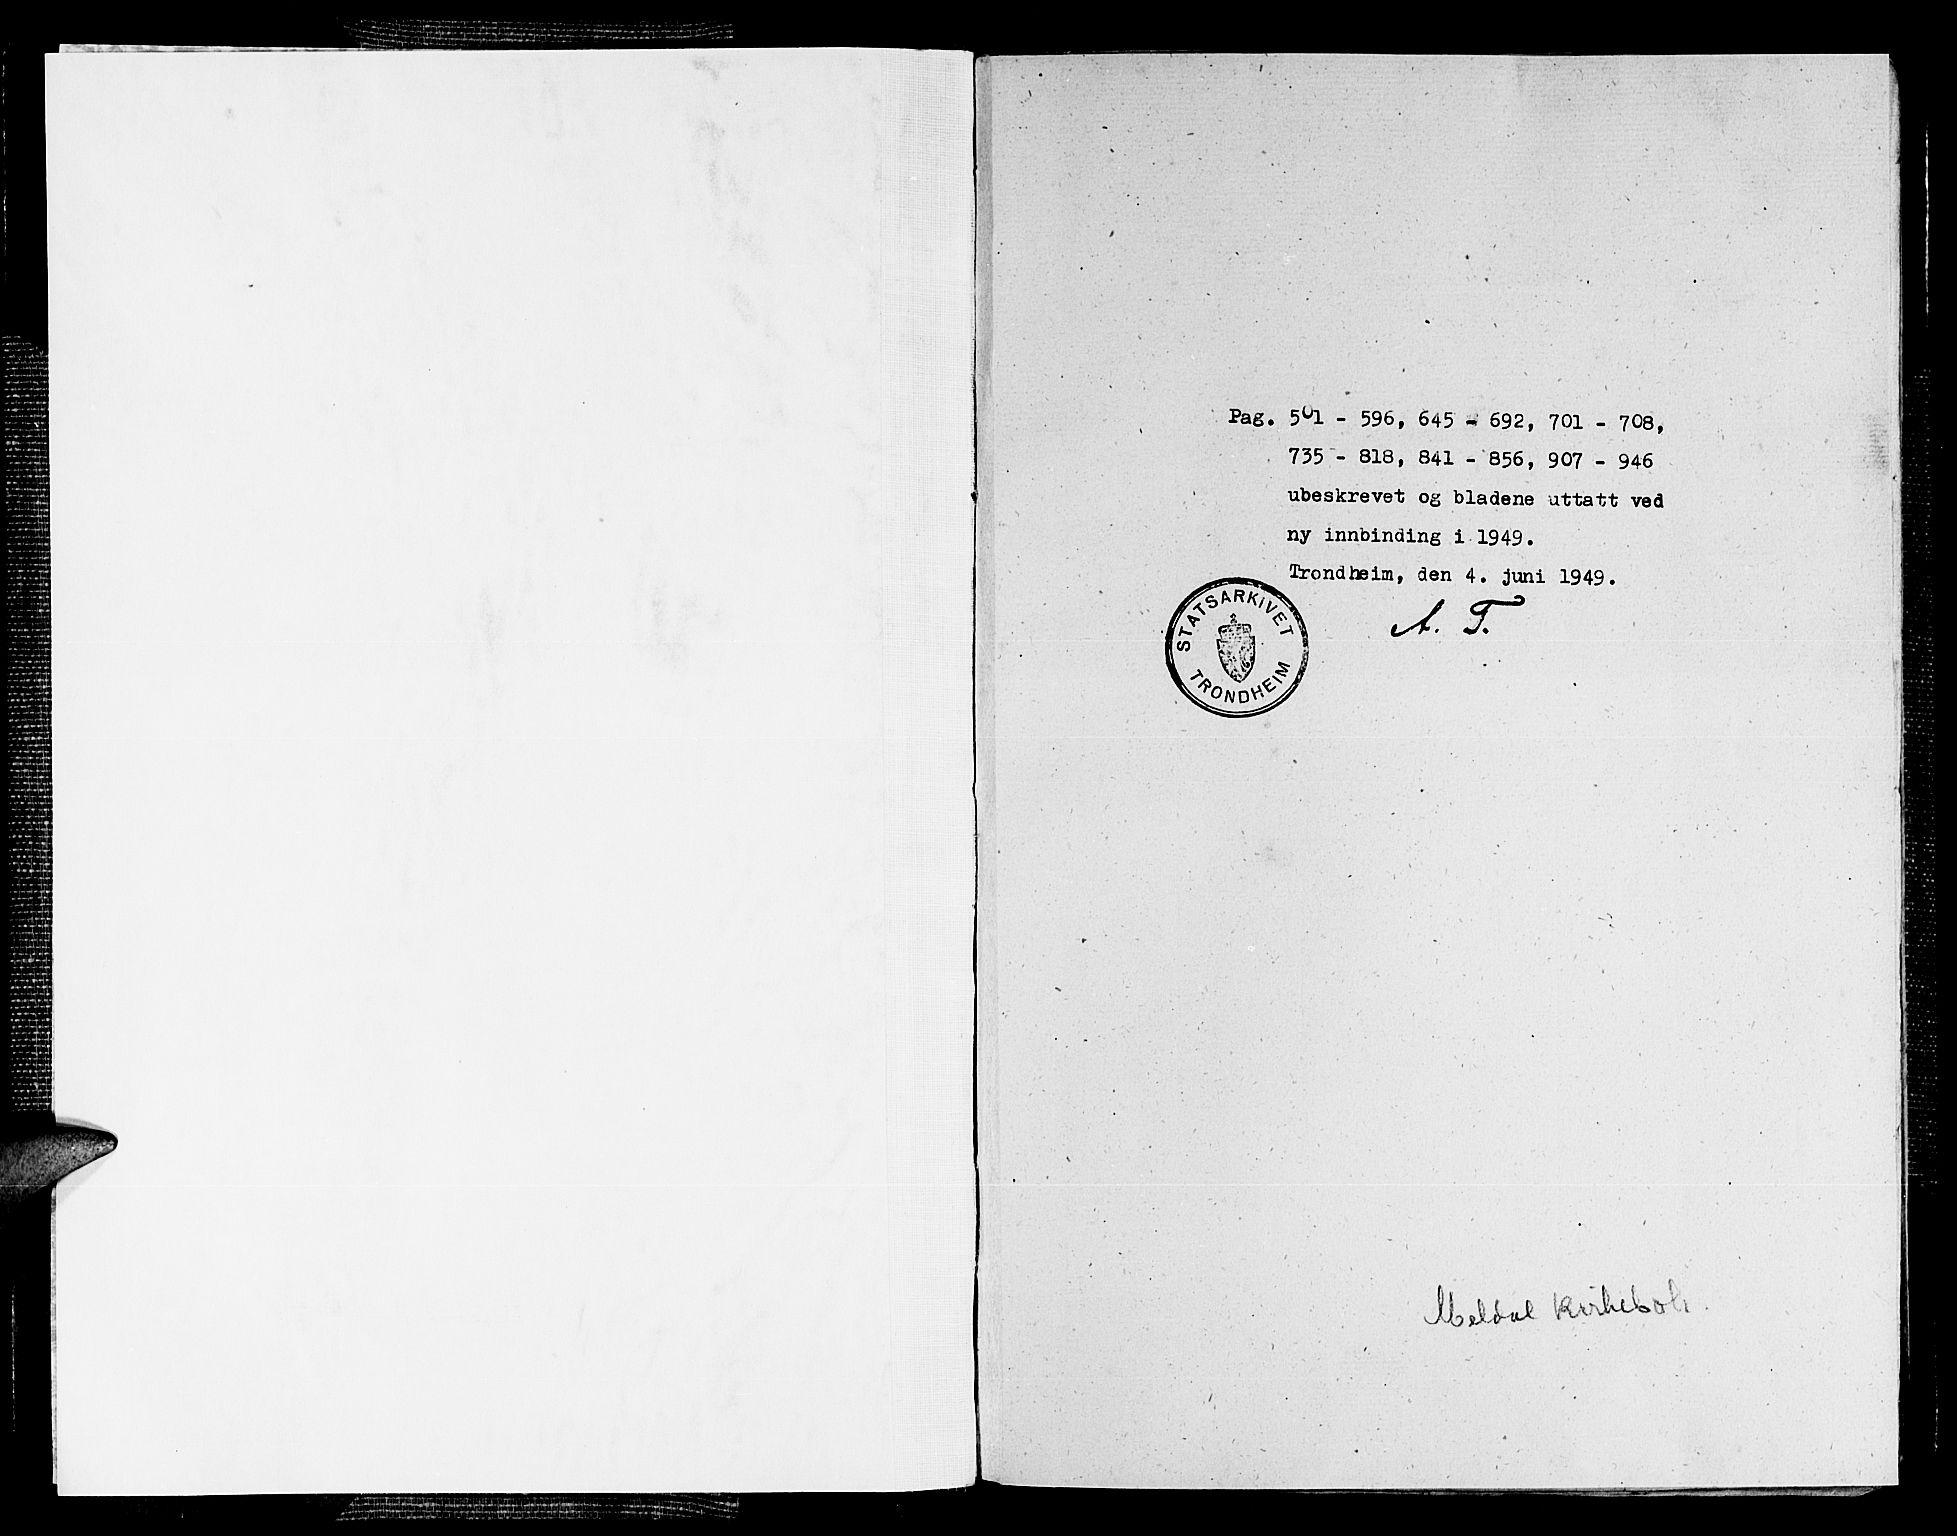 SAT, Ministerialprotokoller, klokkerbøker og fødselsregistre - Sør-Trøndelag, 672/L0852: Ministerialbok nr. 672A05, 1776-1815